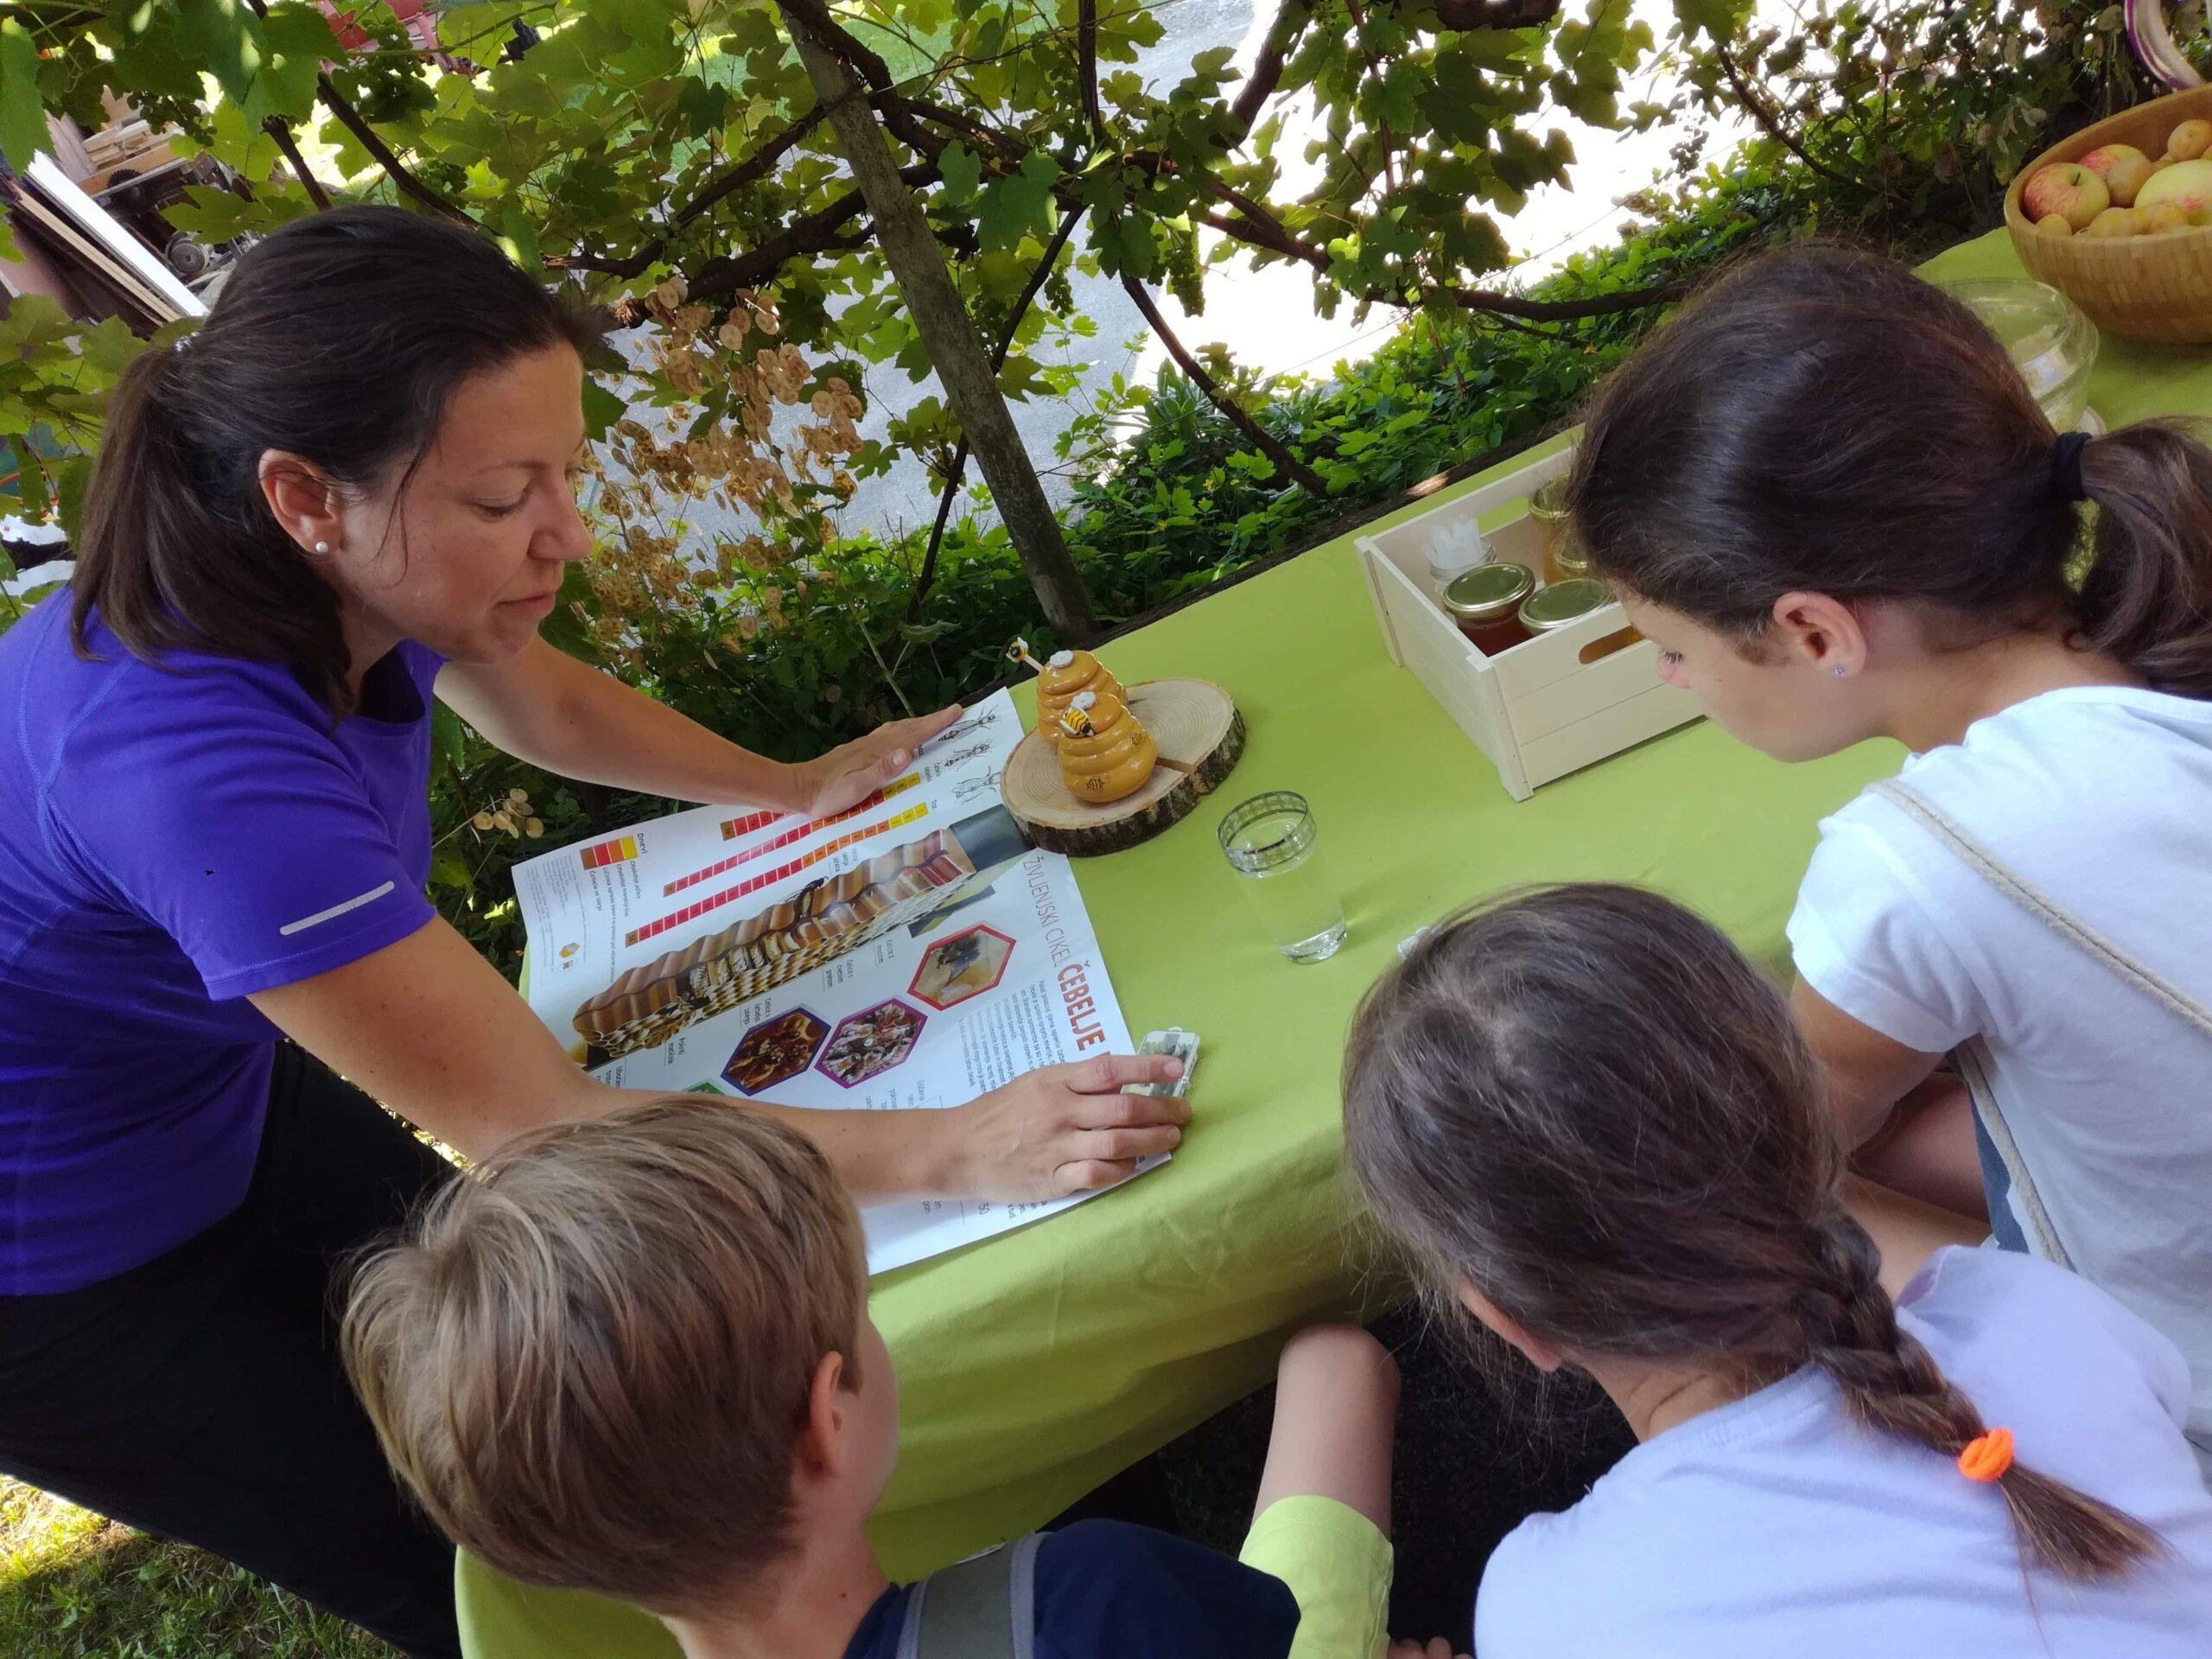 Urška Intihar beekeeper in kindergarden